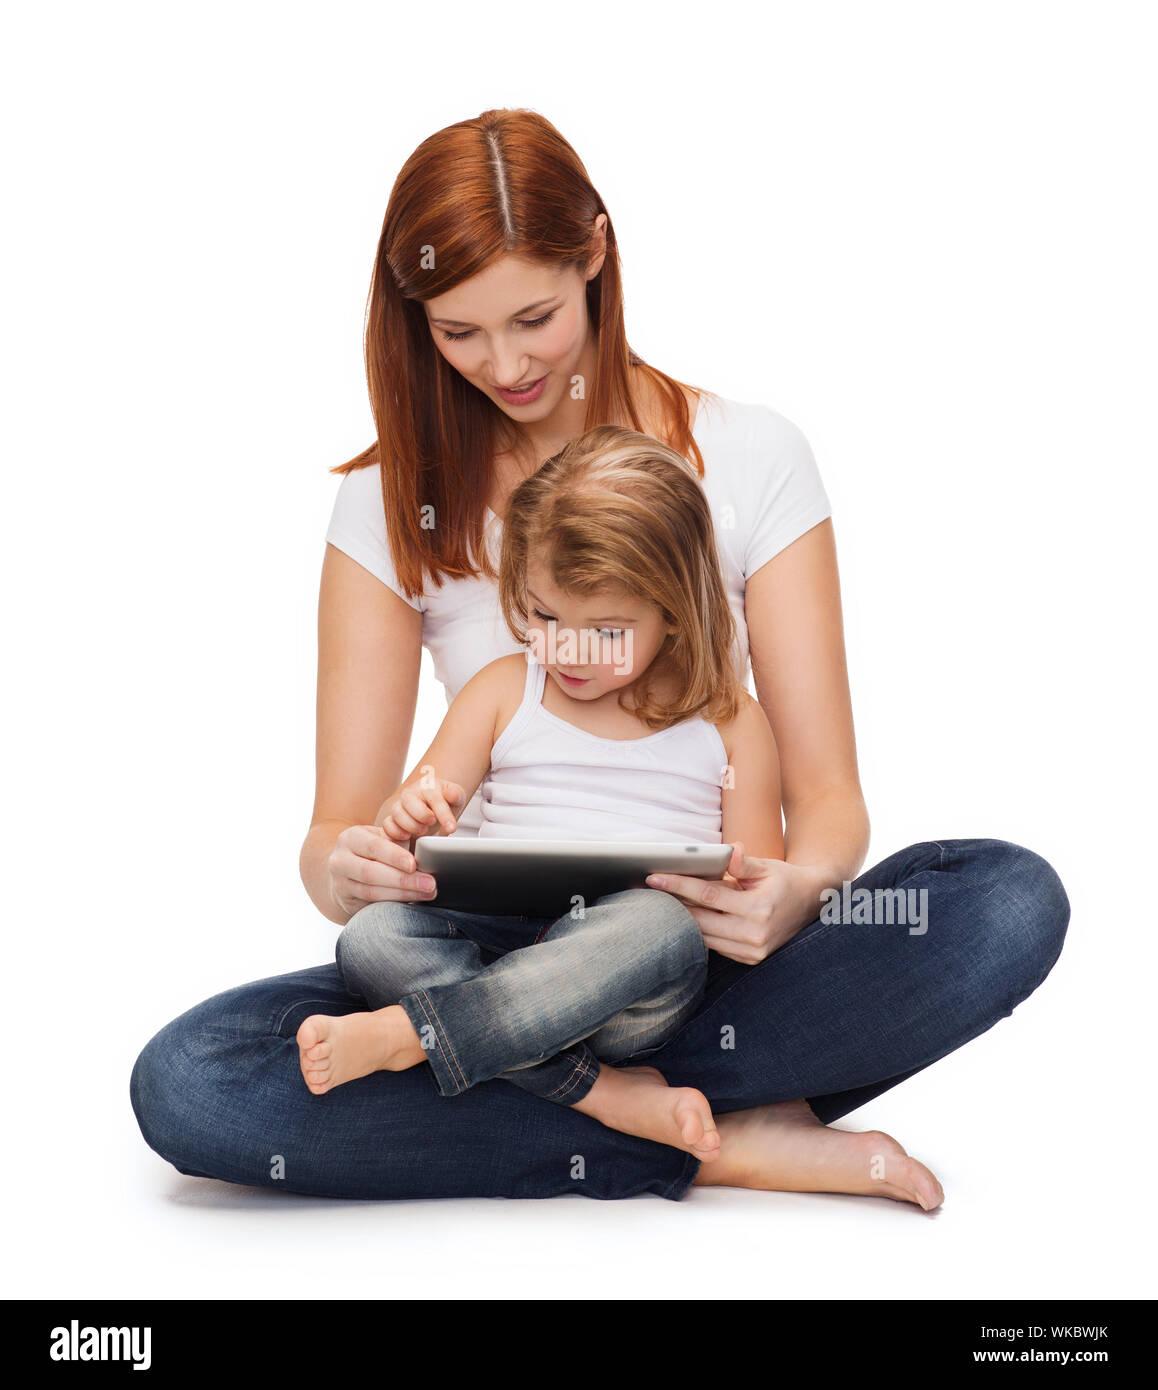 Heureuse fête avec petite fille et tablet pc Banque D'Images